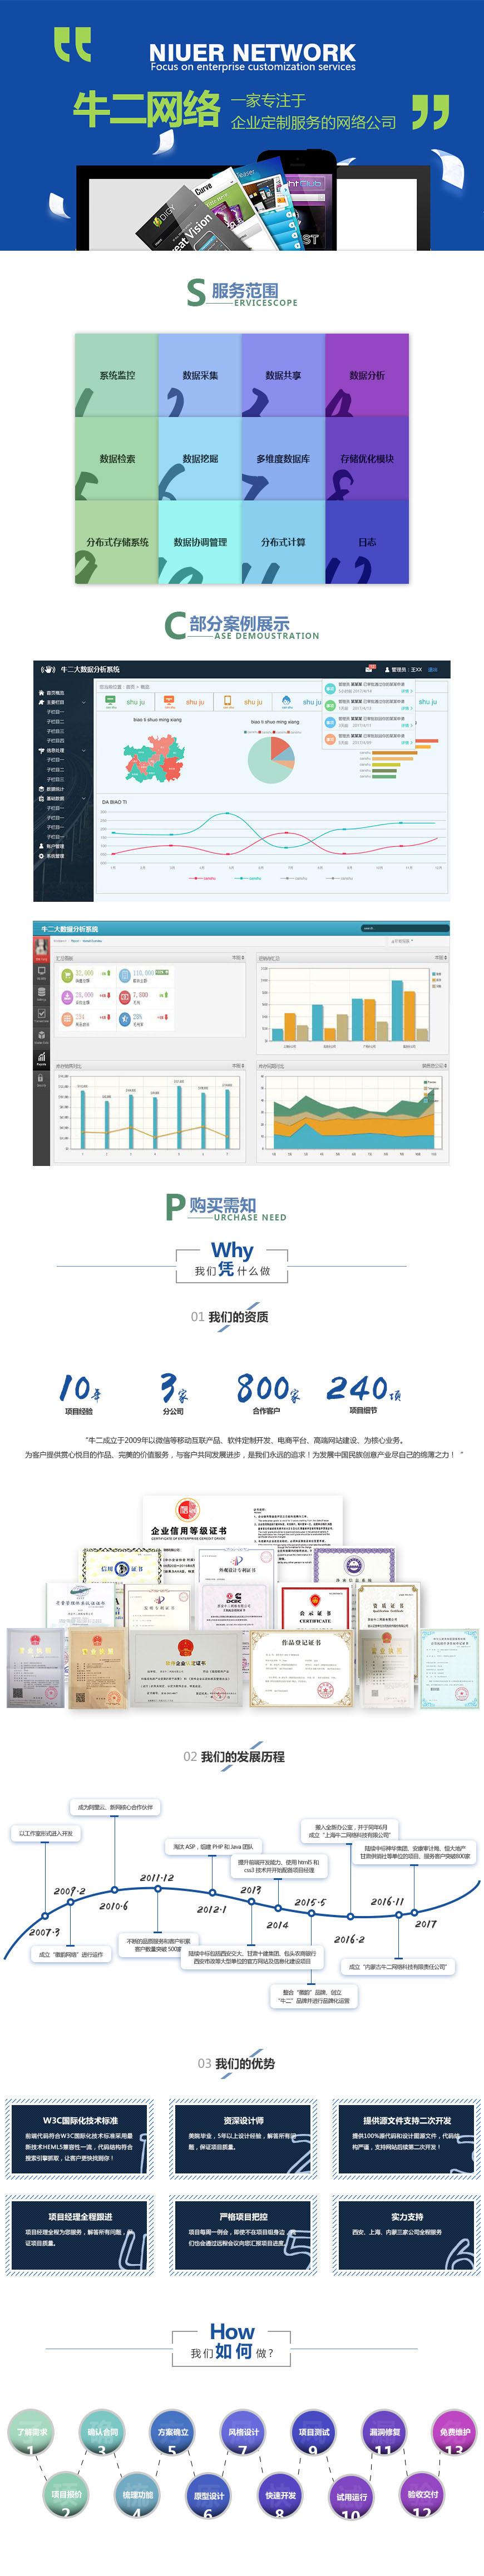 14大数据分析系统.jpg